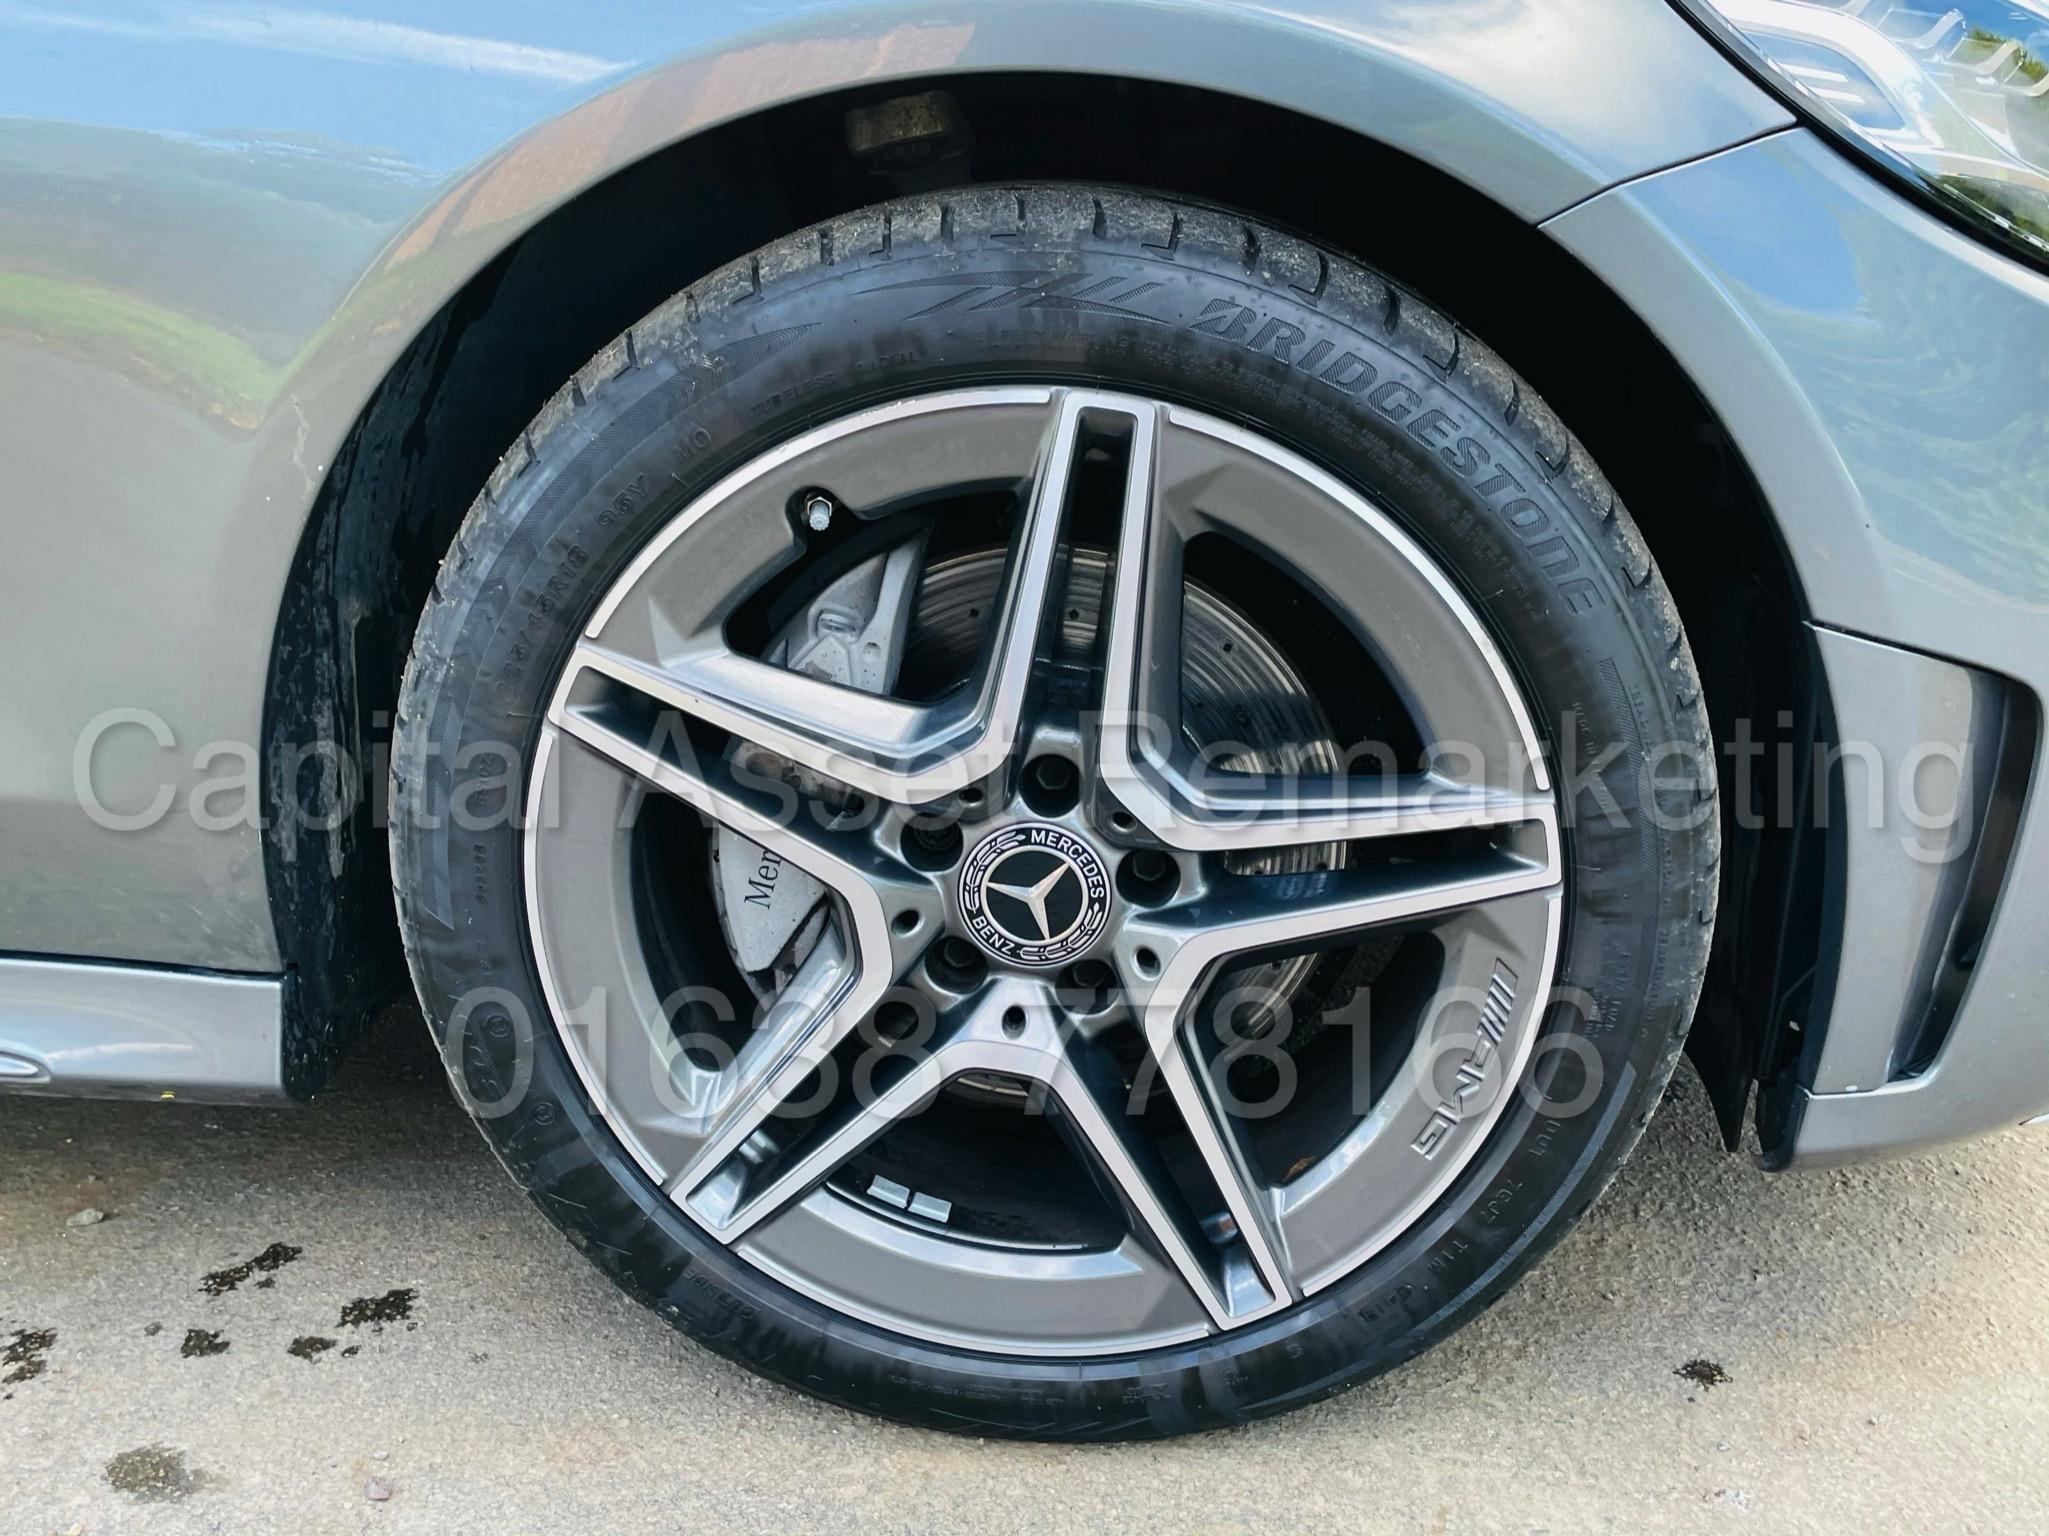 (On Sale) MERCEDES-BENZ C220D *AMG LINE -CABRIOLET* (2019) '9G AUTO - LEATHER - SAT NAV' *HUGE SPEC* - Image 15 of 43